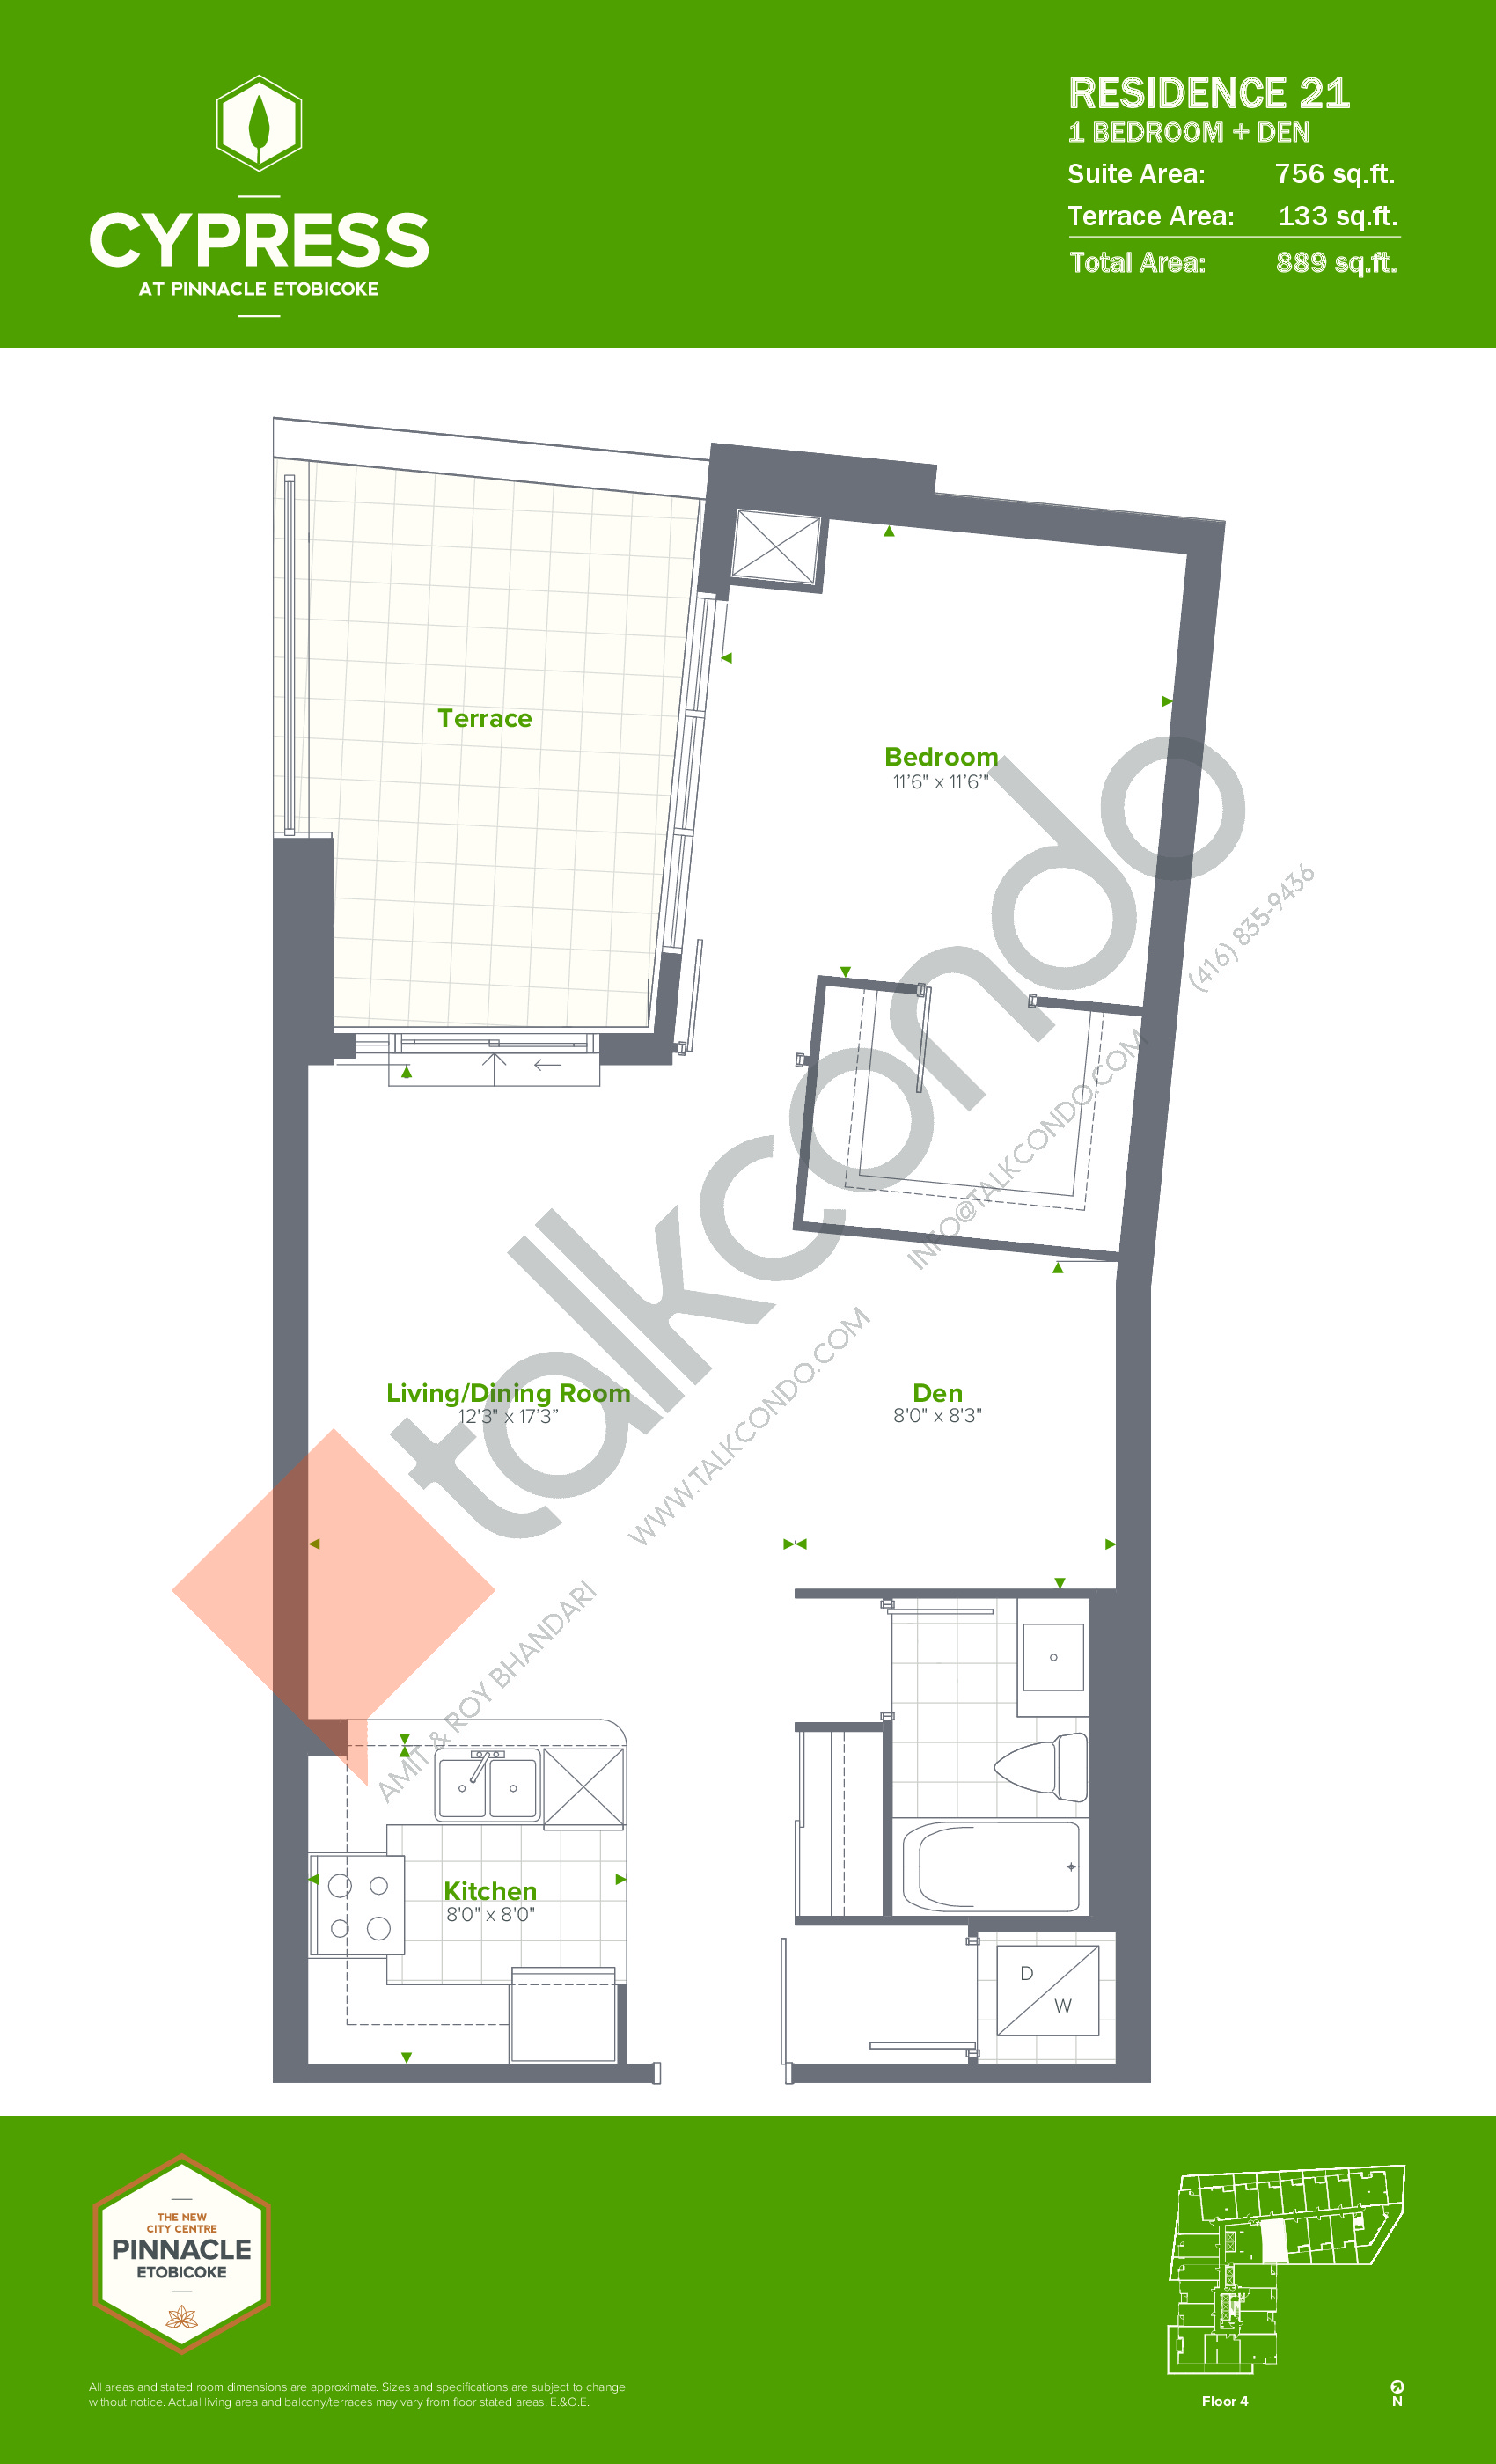 Residence 21 Floor Plan at Cypress at Pinnacle Etobicoke - 756 sq.ft